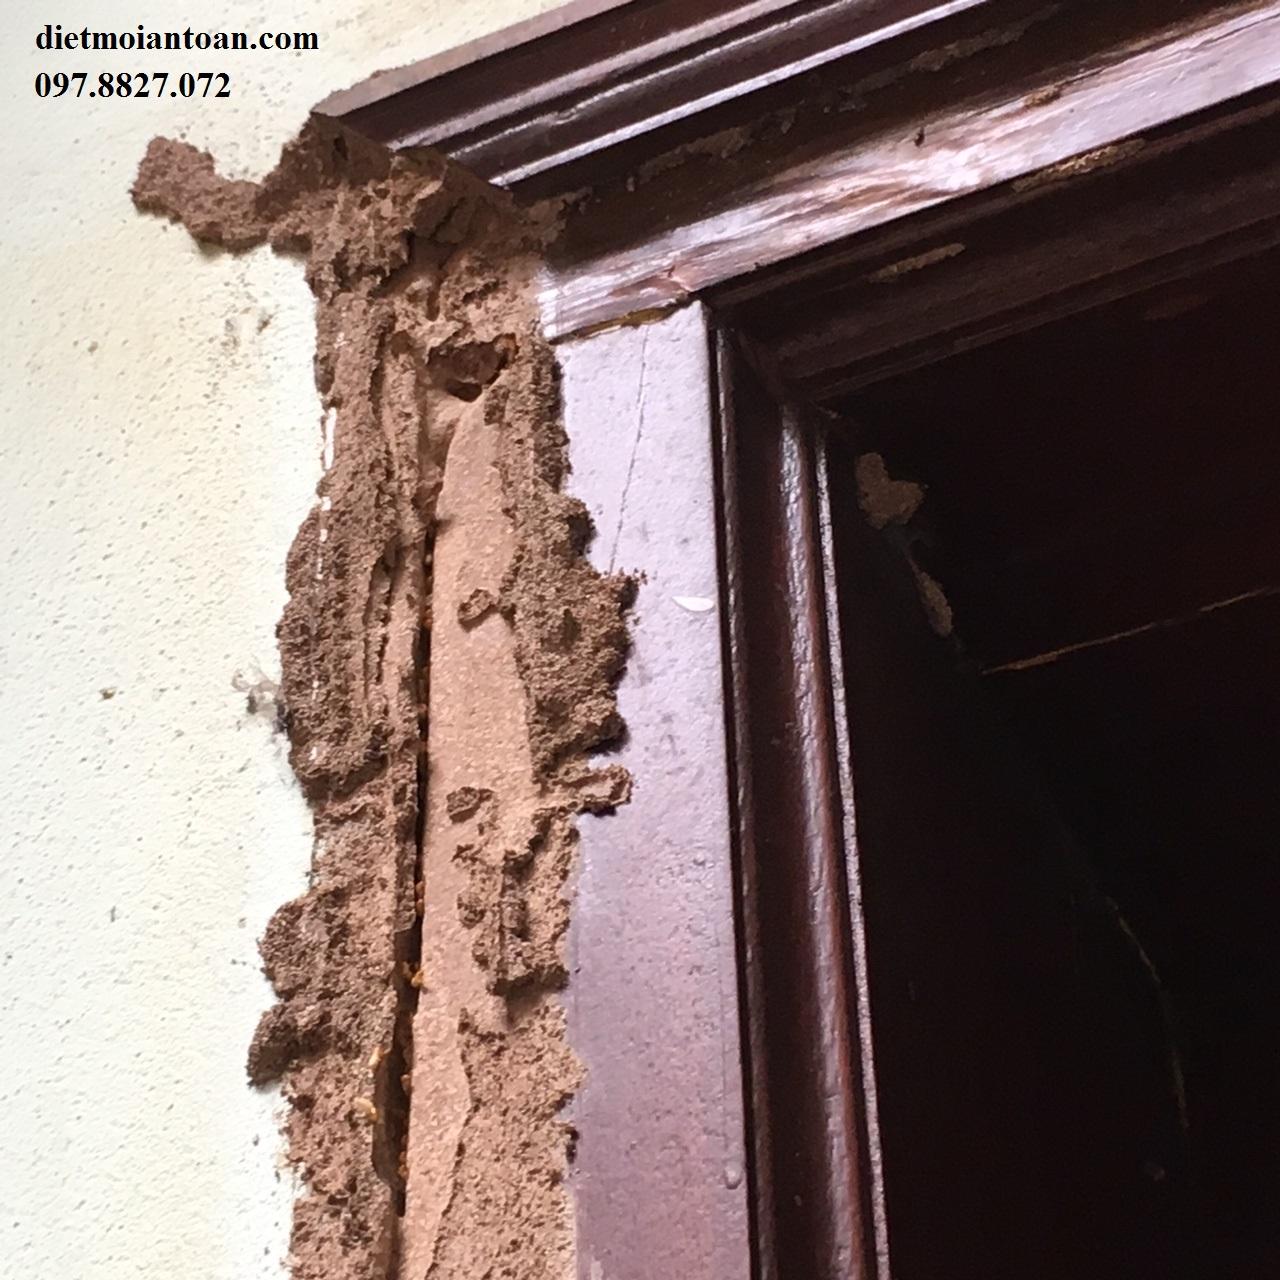 Phòng chống mối trong khi xây nhà là việc làm khẩn cấp trước khi quá muộn